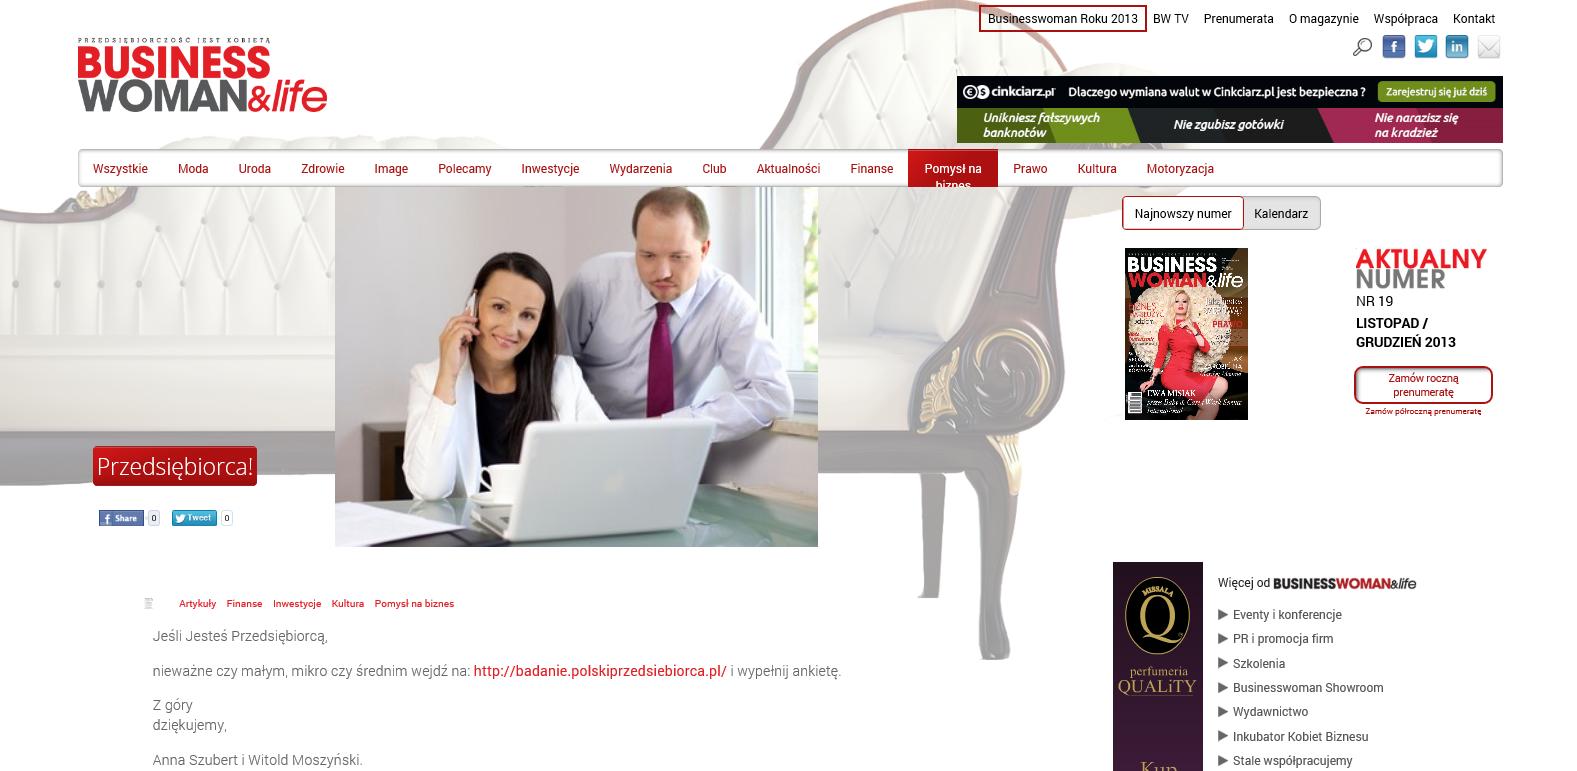 http://www.businesswomanlife.pl/polski-przedsiebiorca/